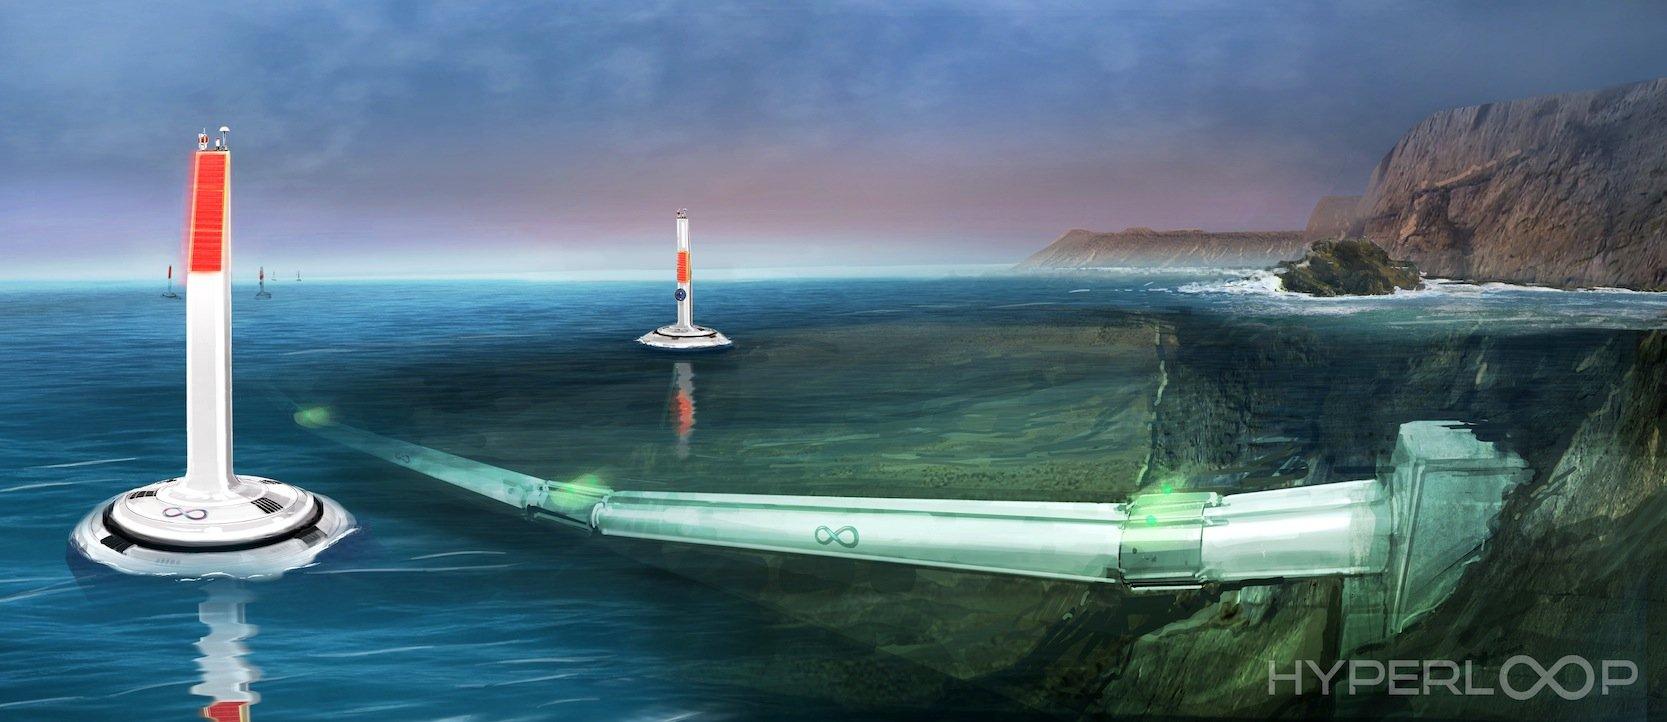 Nicht nur an Land, auch unter Wasser lassen sich Hyperloop-Verbindungen denken.